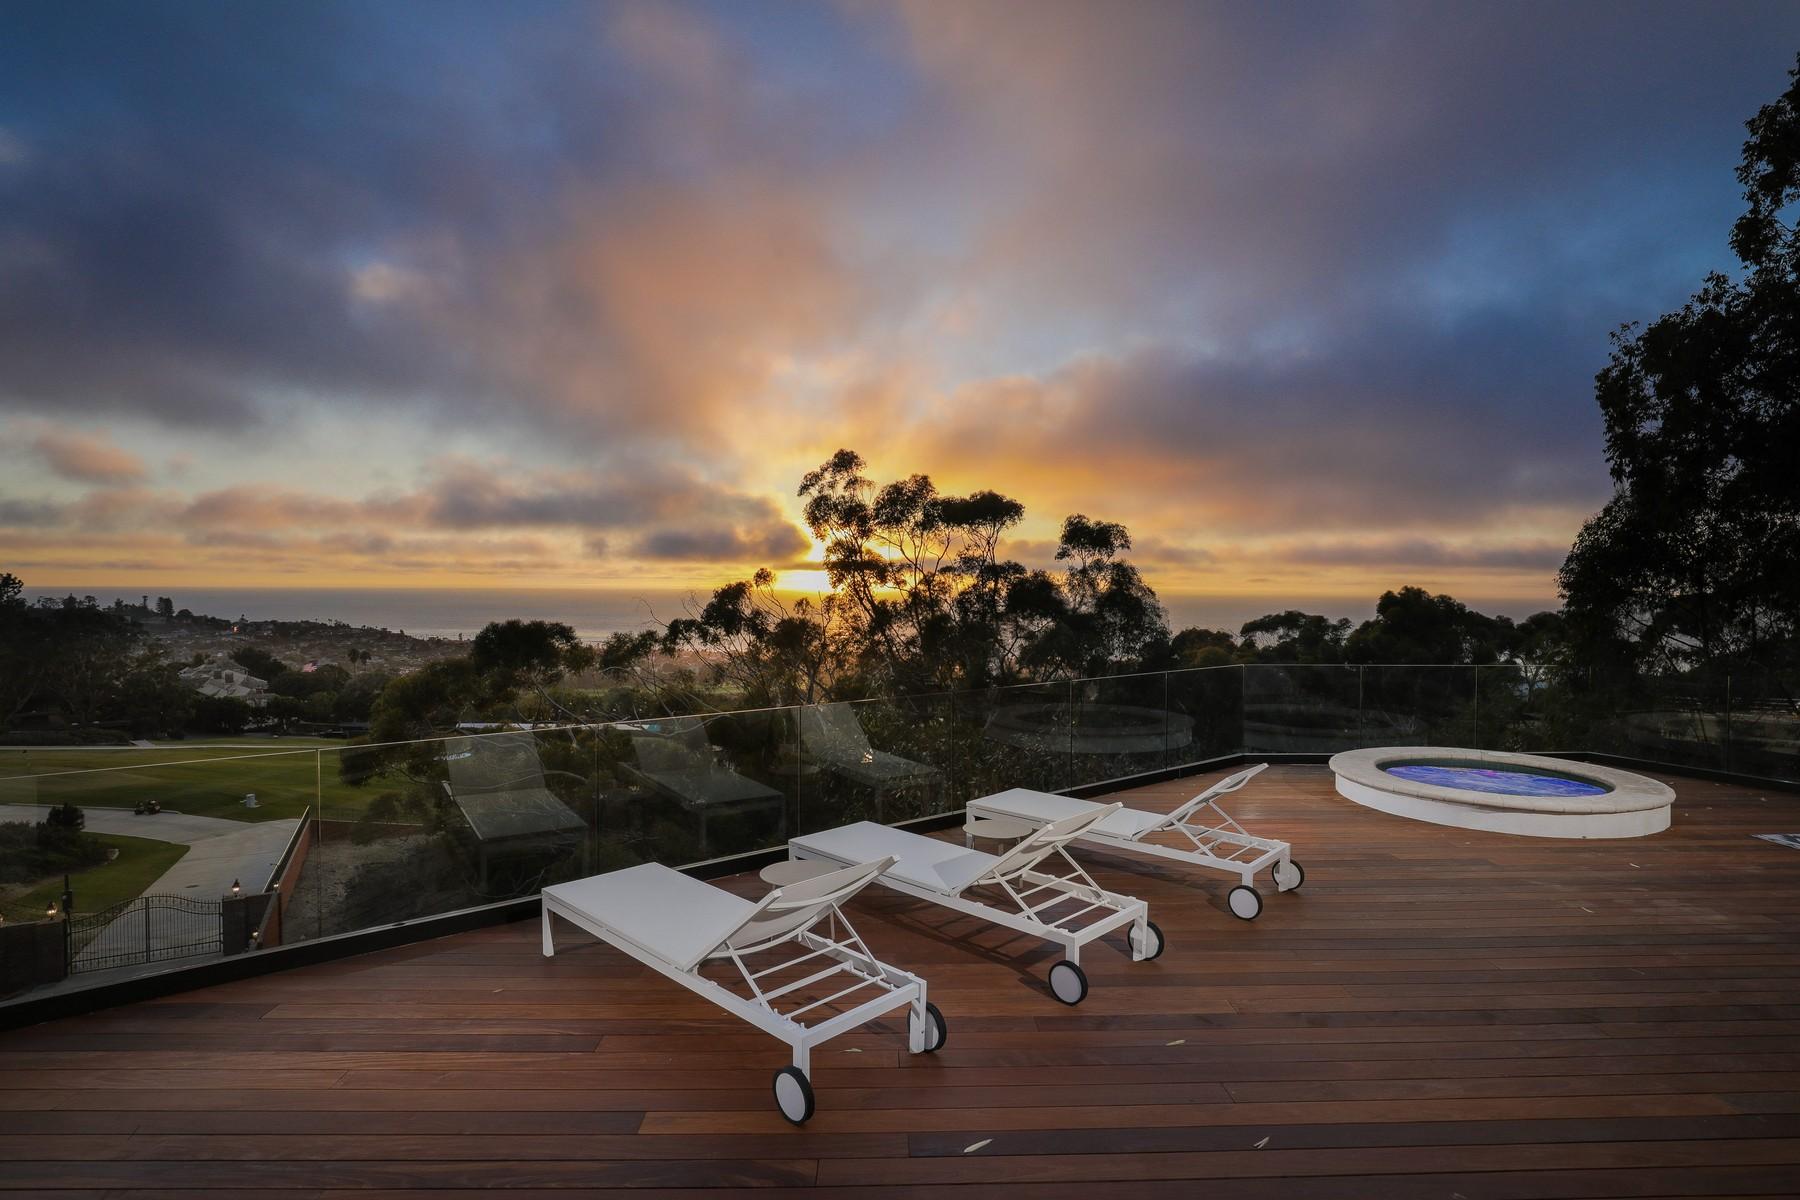 独户住宅 为 销售 在 7160 Encelia Drive 拉荷亚, 加利福尼亚州 92037 美国